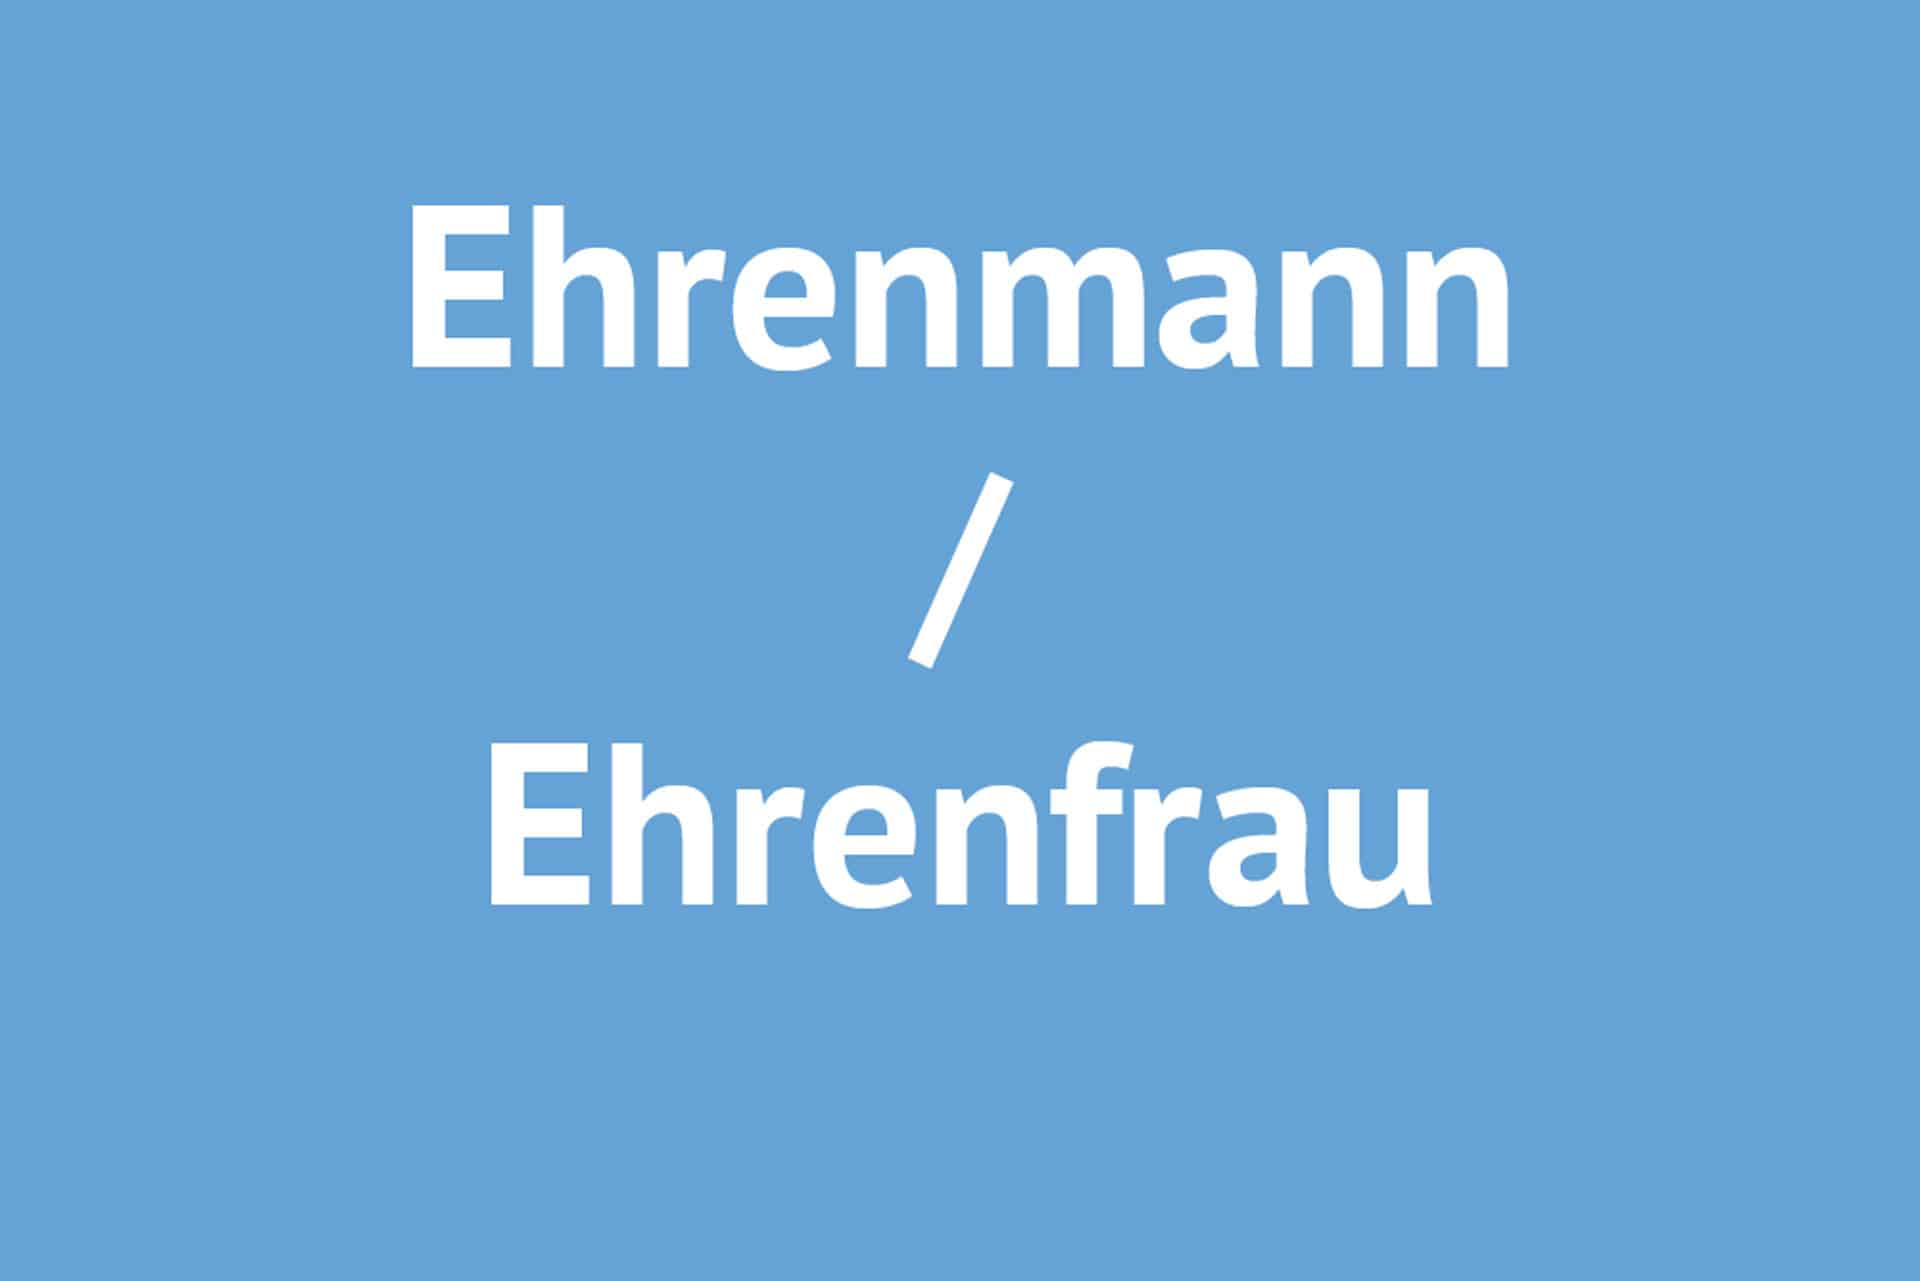 Ehrenmann / Ehrenfrau